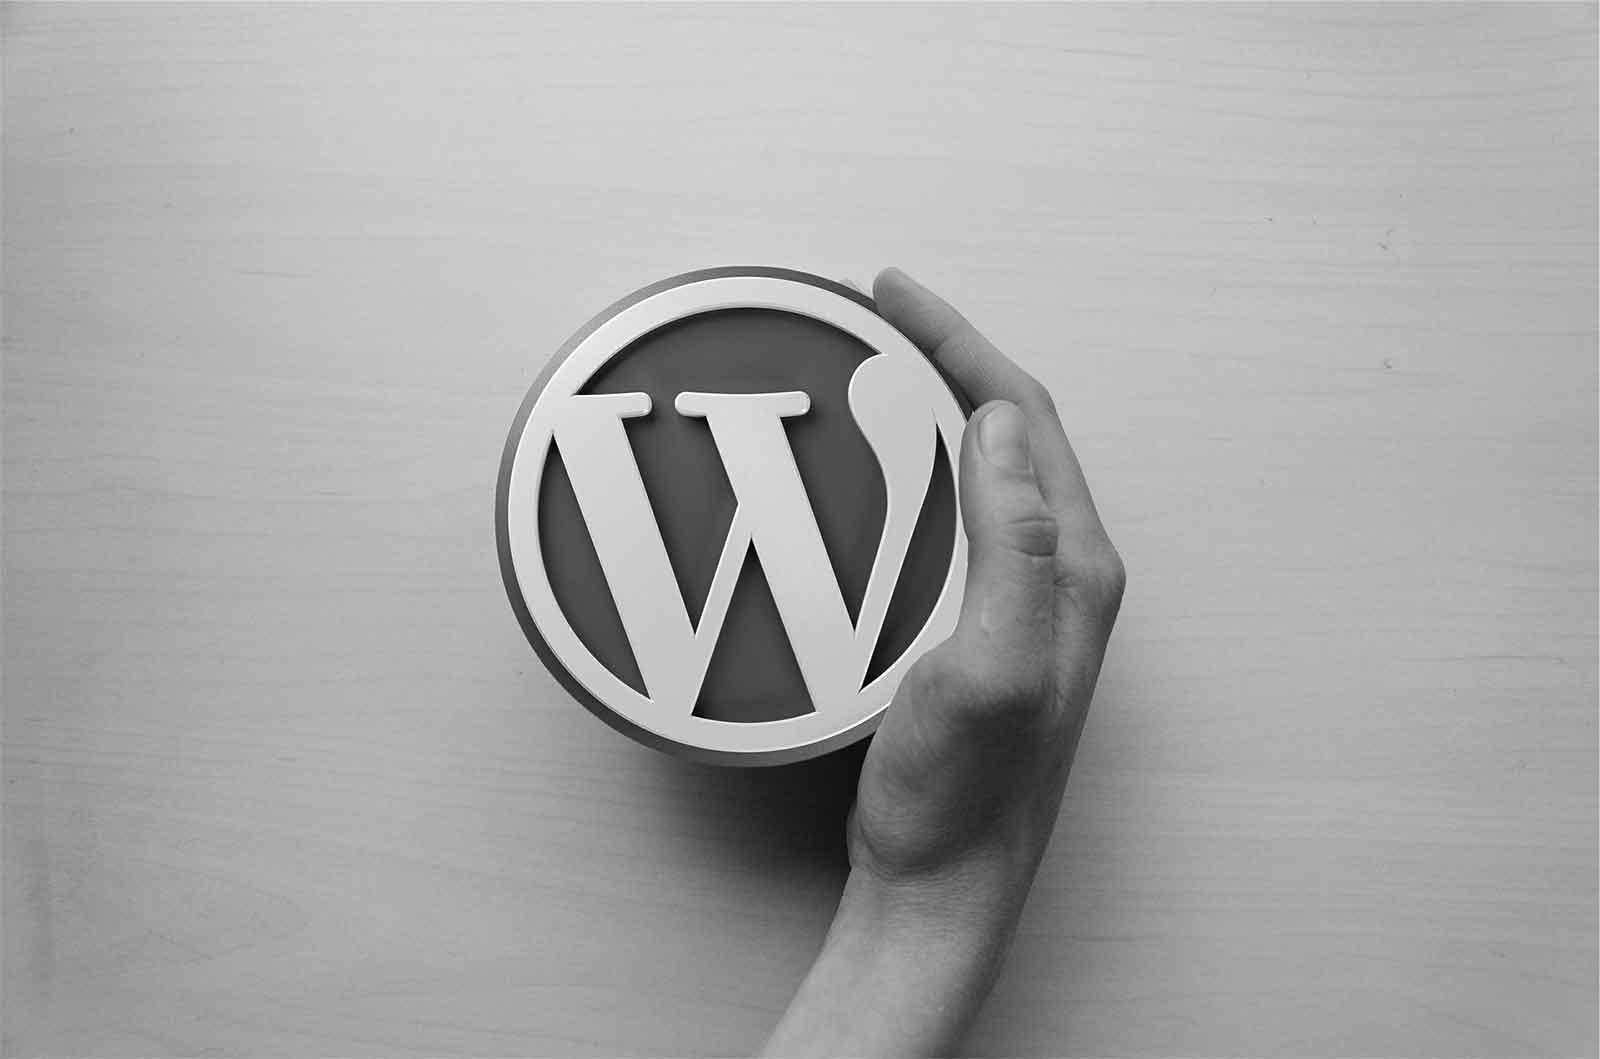 2단계: 워드프레스 블로그 만들기 – 워드프레스 & 테마